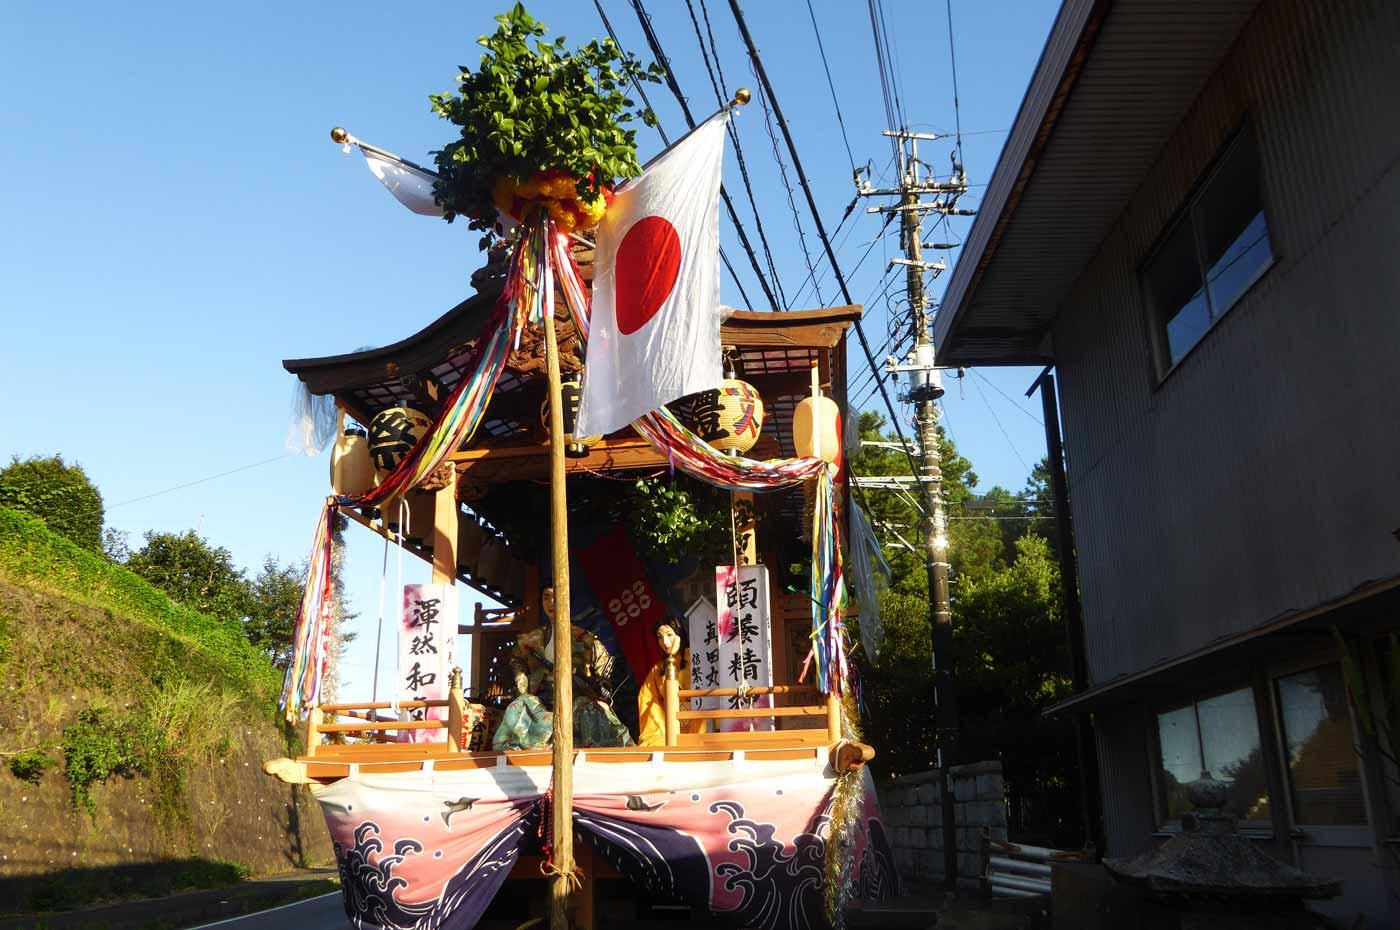 高蔵神社例祭 古畑区の屋台